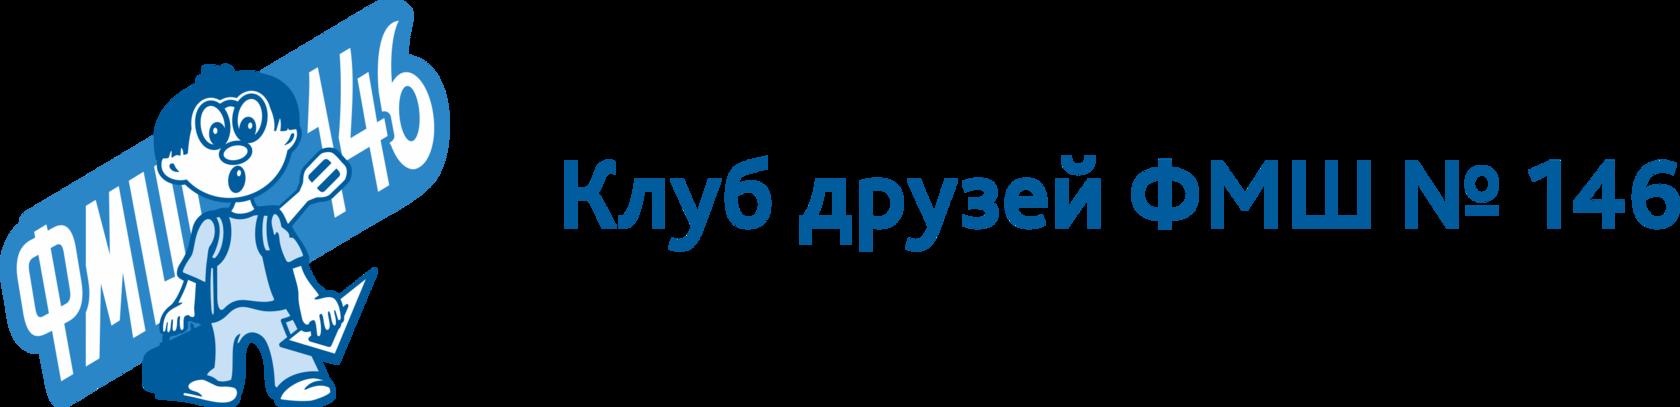 Клуб друзей ФМШ №146